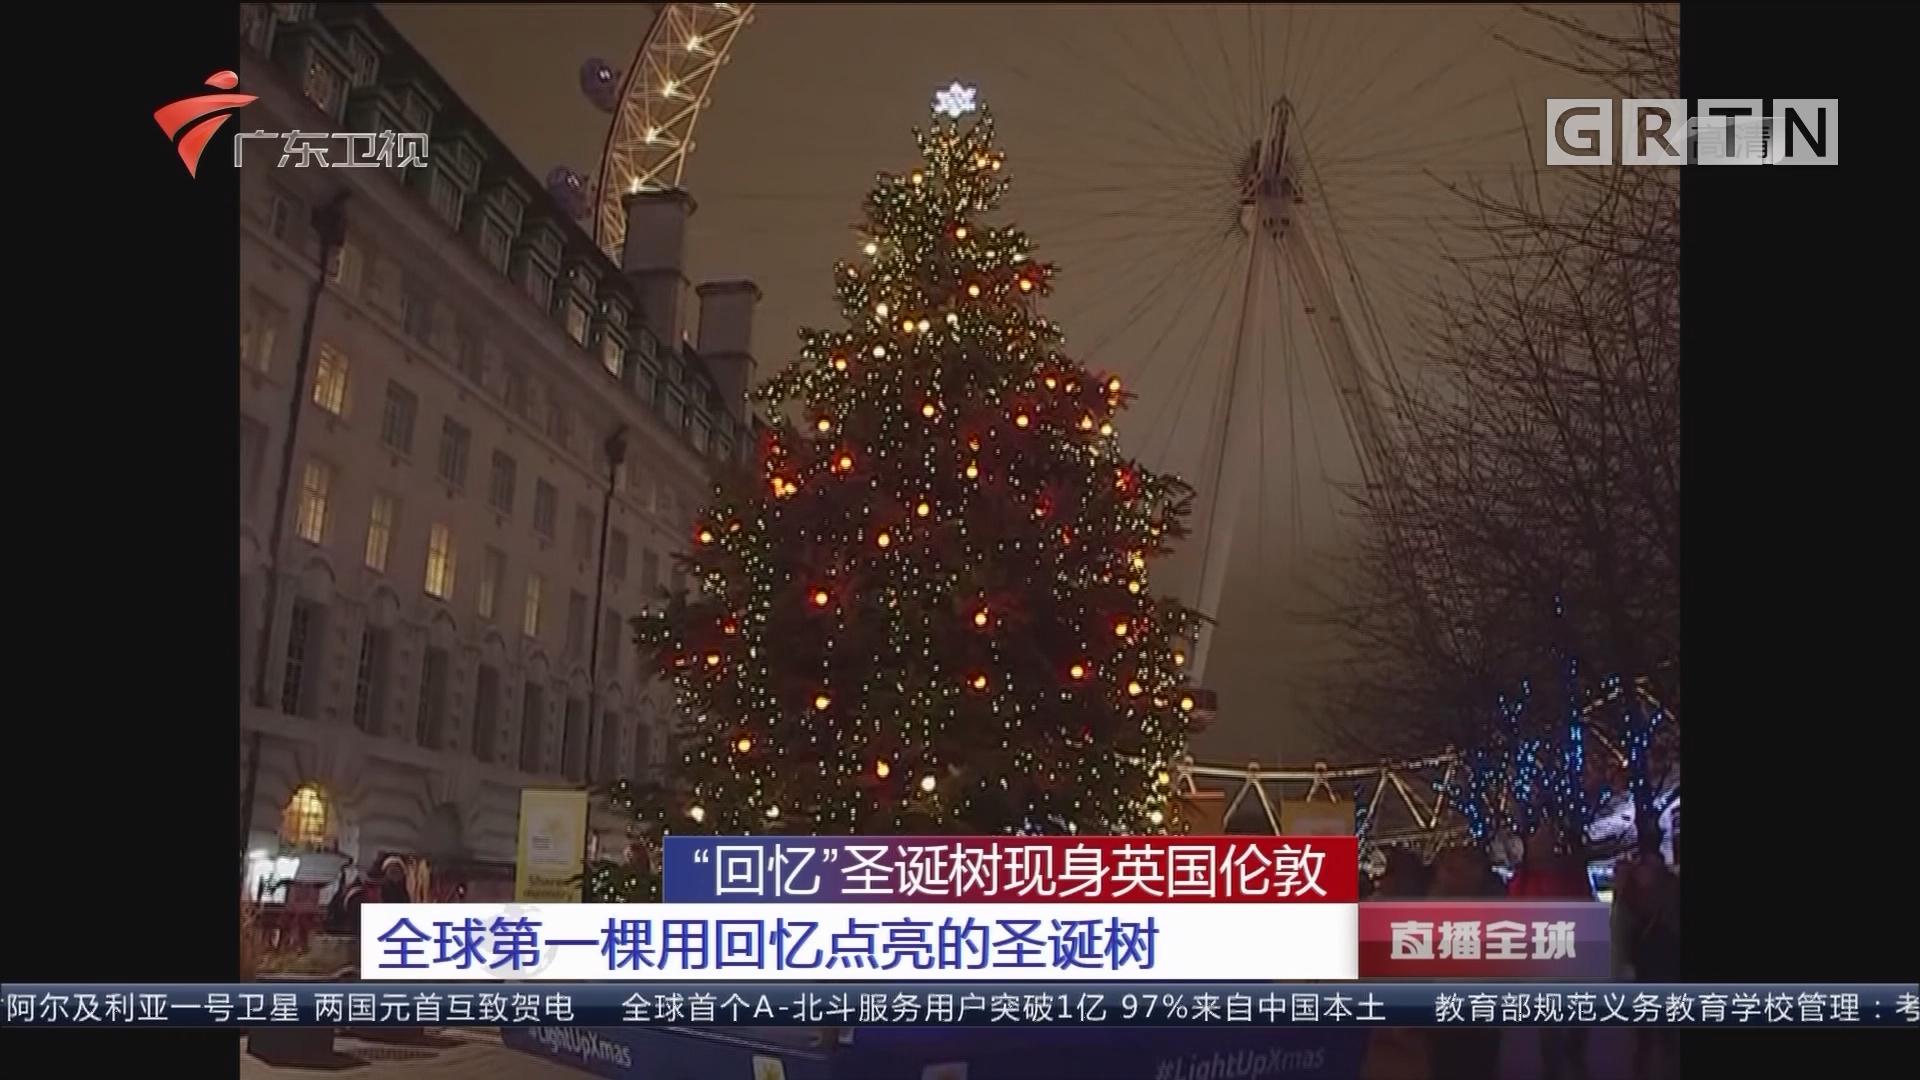 """""""回忆""""圣诞树现身英国伦敦:全球第一棵用回忆点亮的圣诞树"""